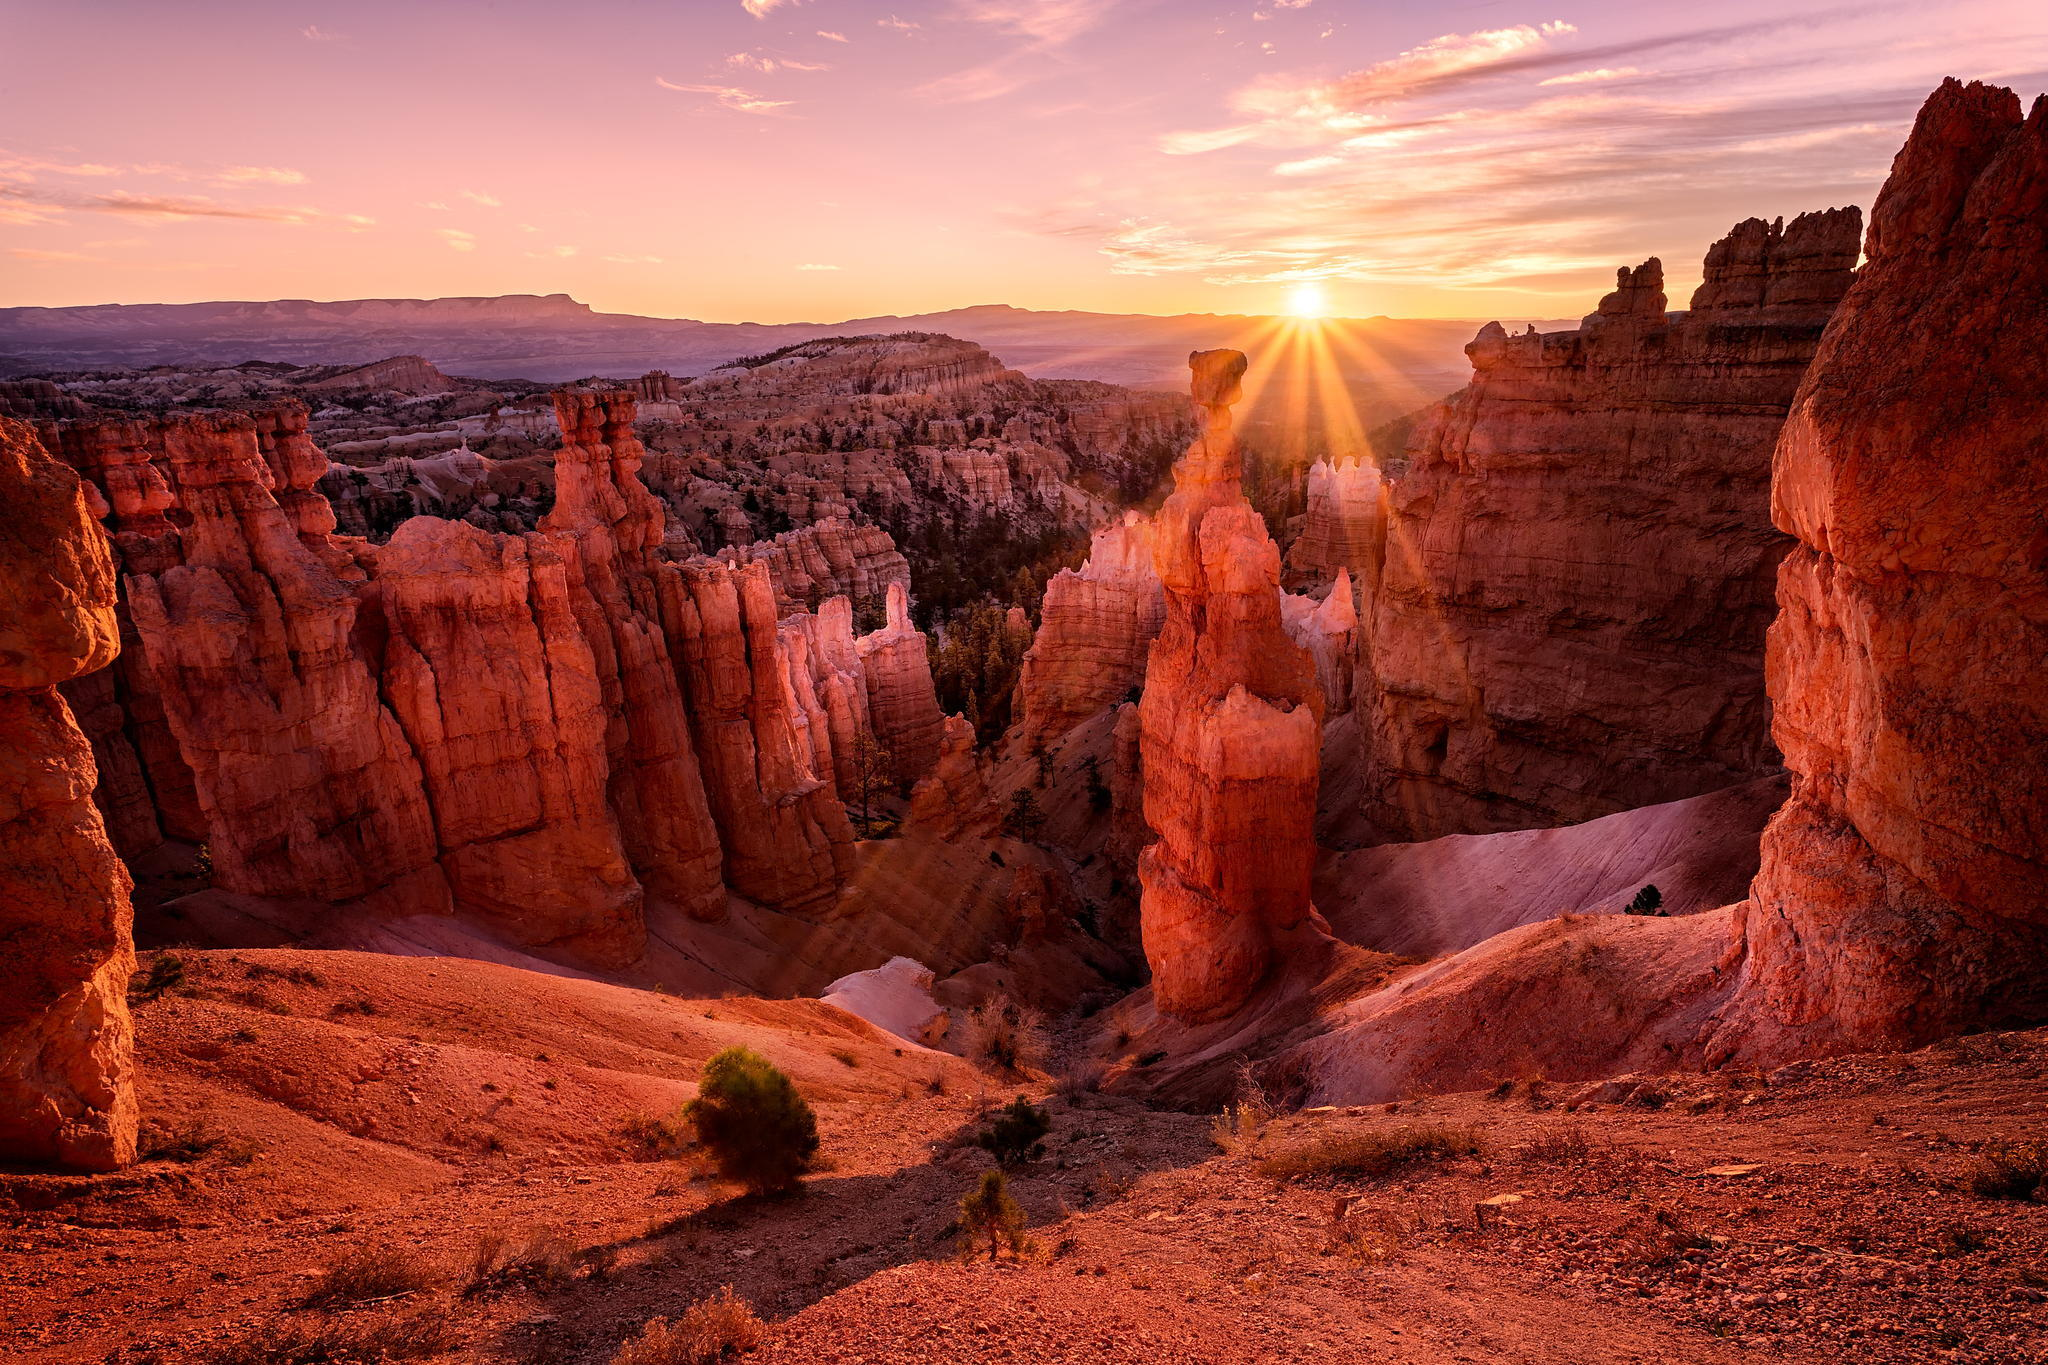 Закат над каньоном  № 241398 без смс